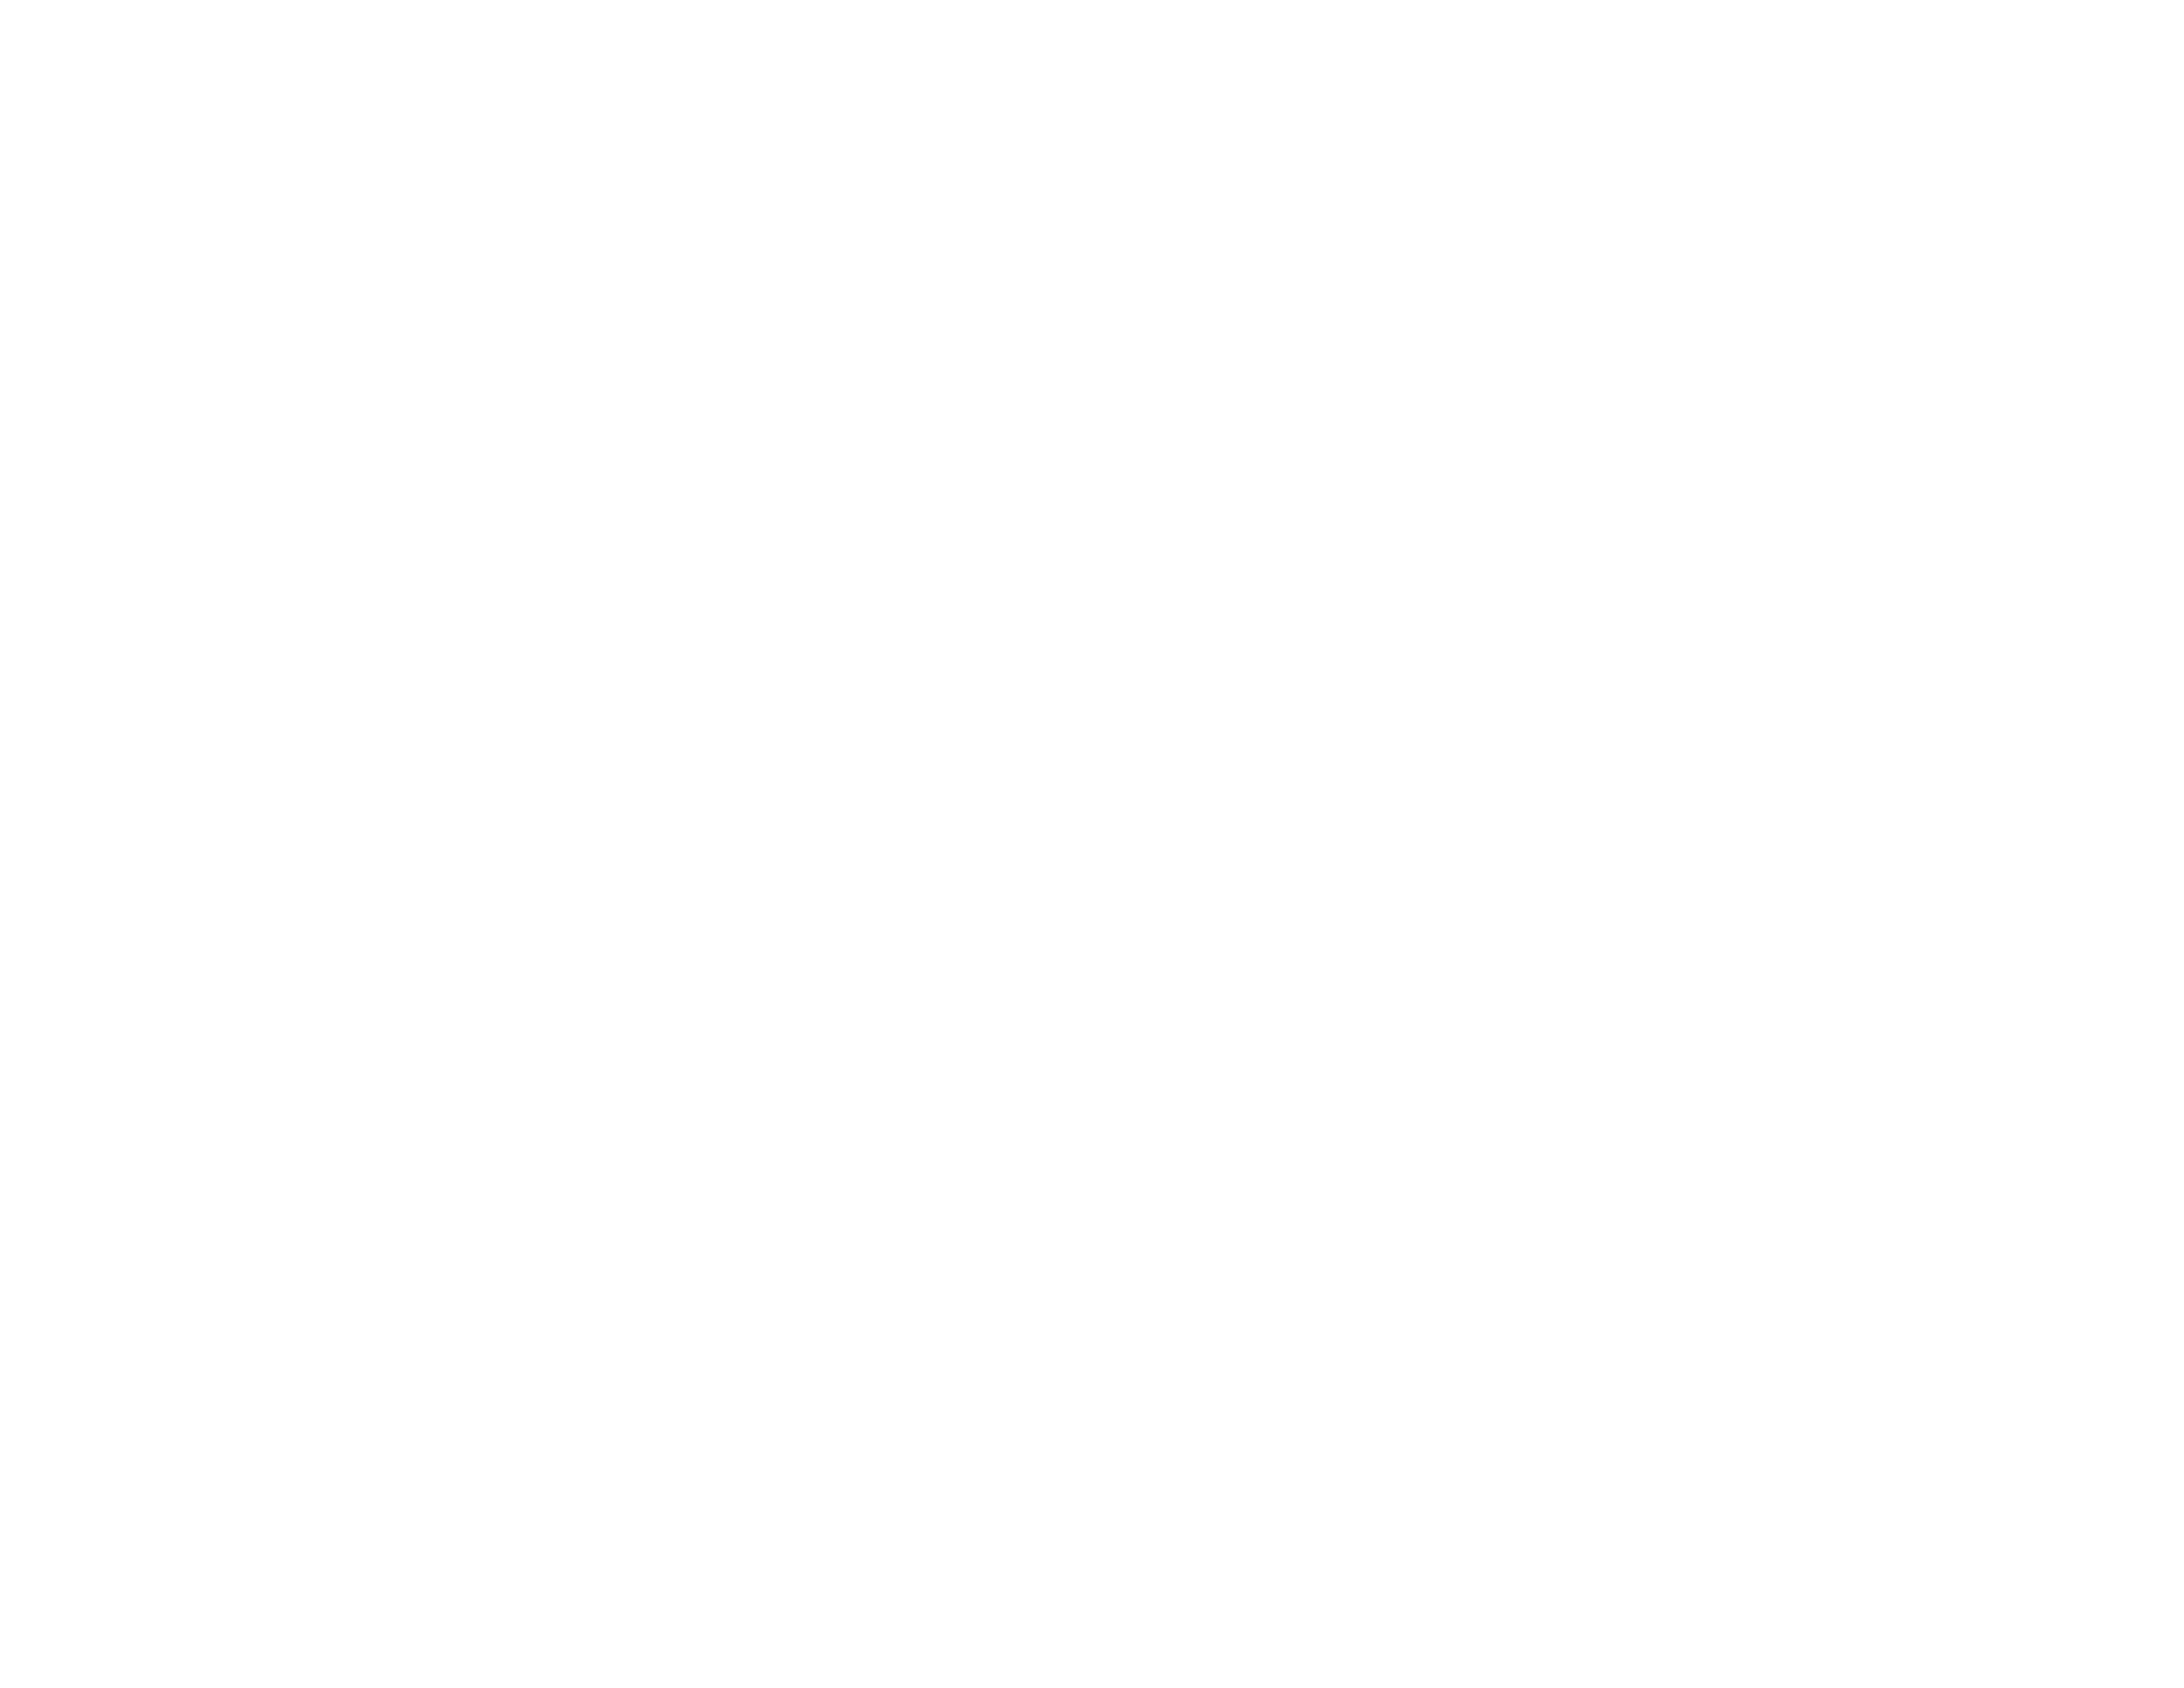 Comfacesar Digital LIVE